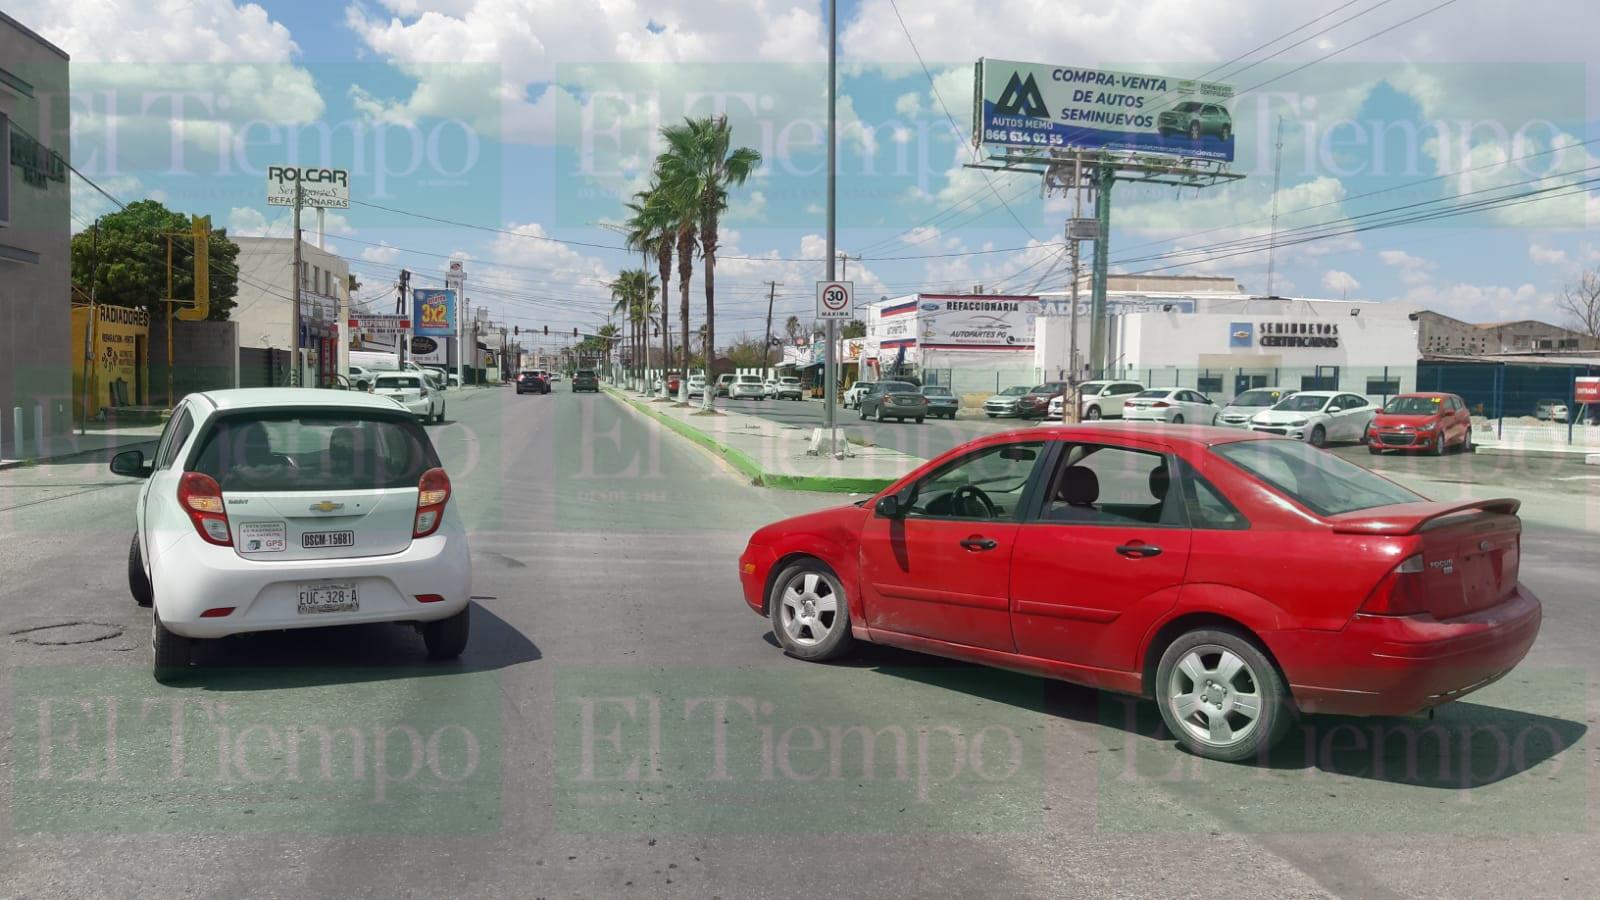 Dos mujeres al volante protagonizan fuerte choque en Monclova